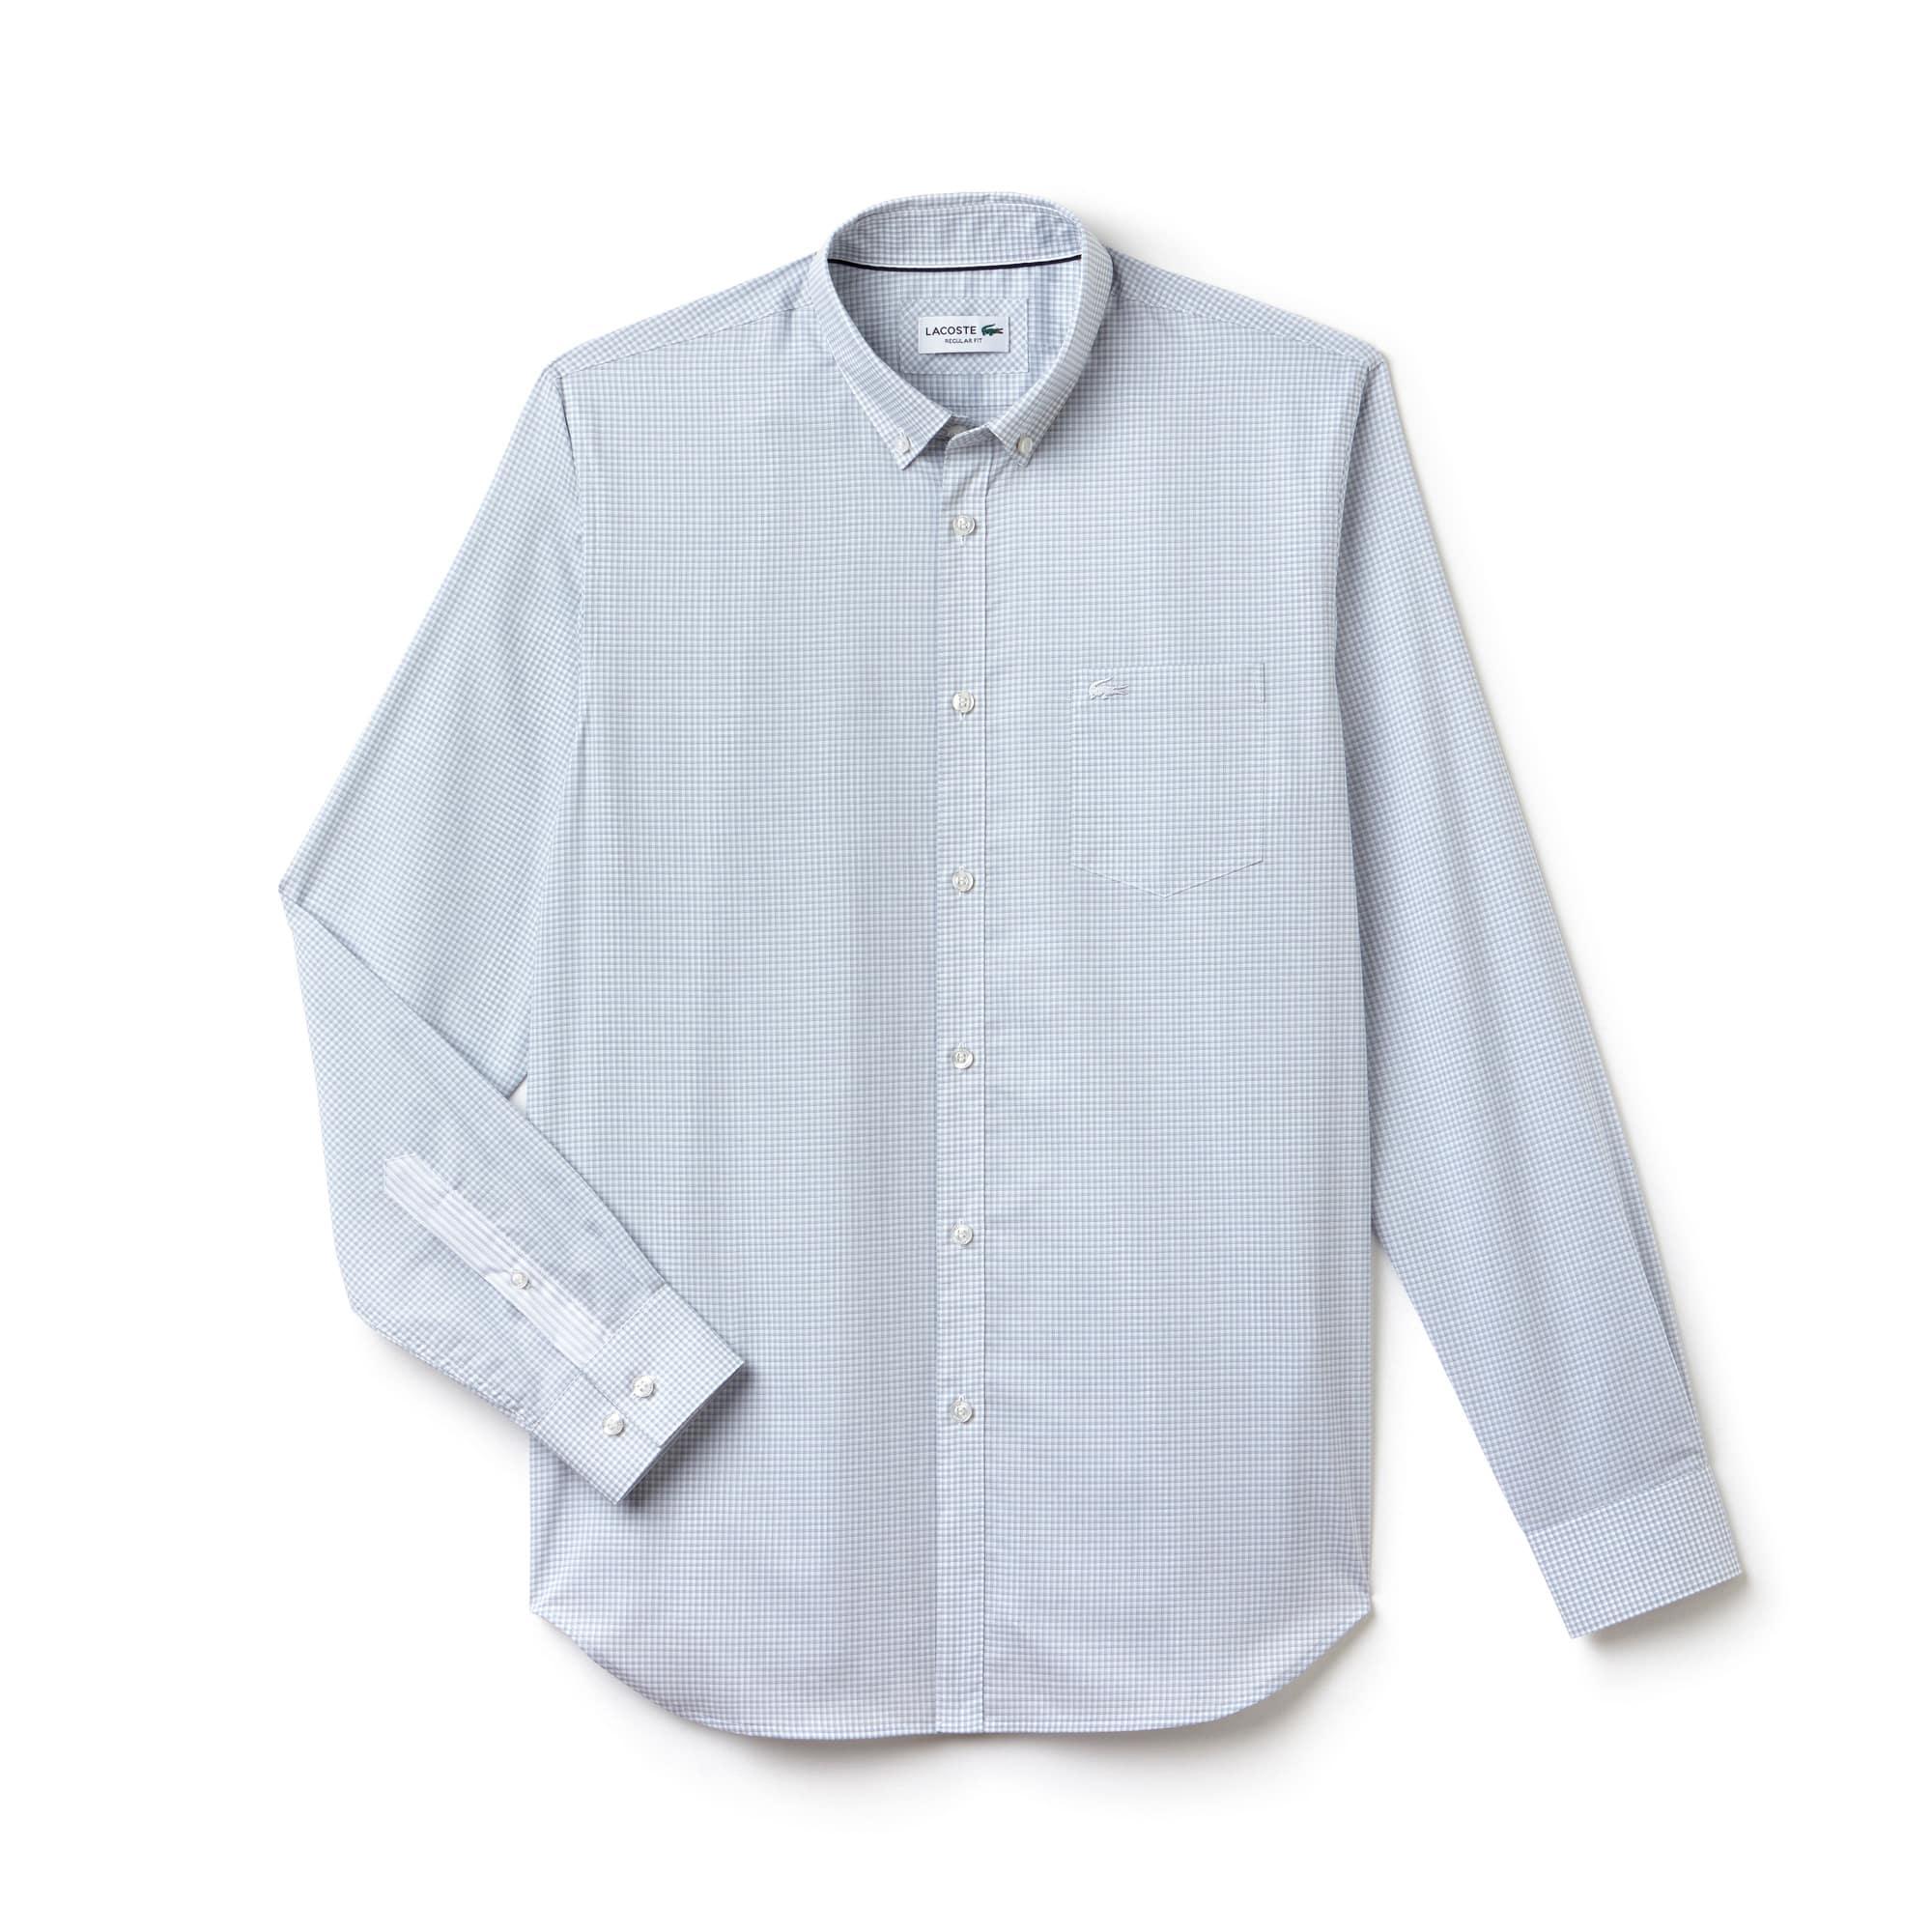 Regular Fit Herren-Hemd mit Karomuster